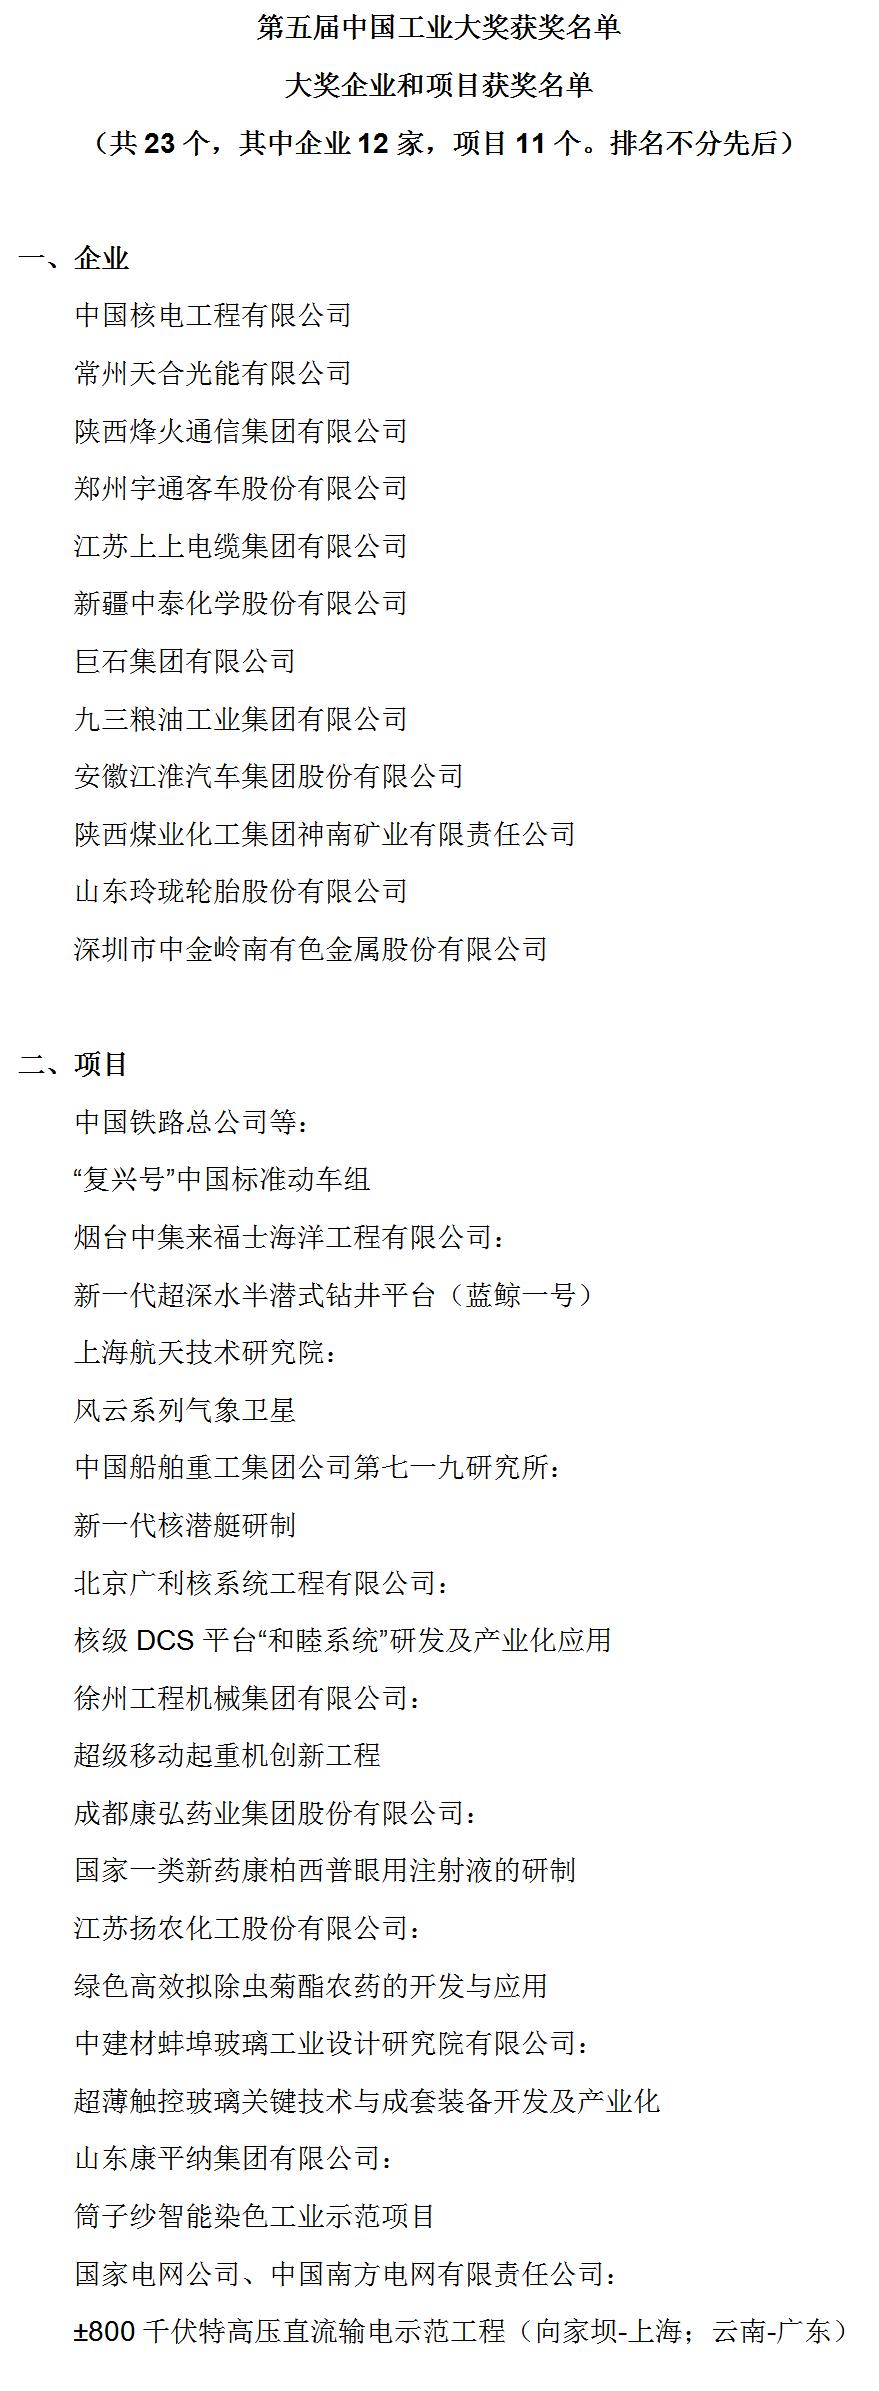 第五届中国工业大奖颁布 锐科激光荣获中国工业大奖提名奖